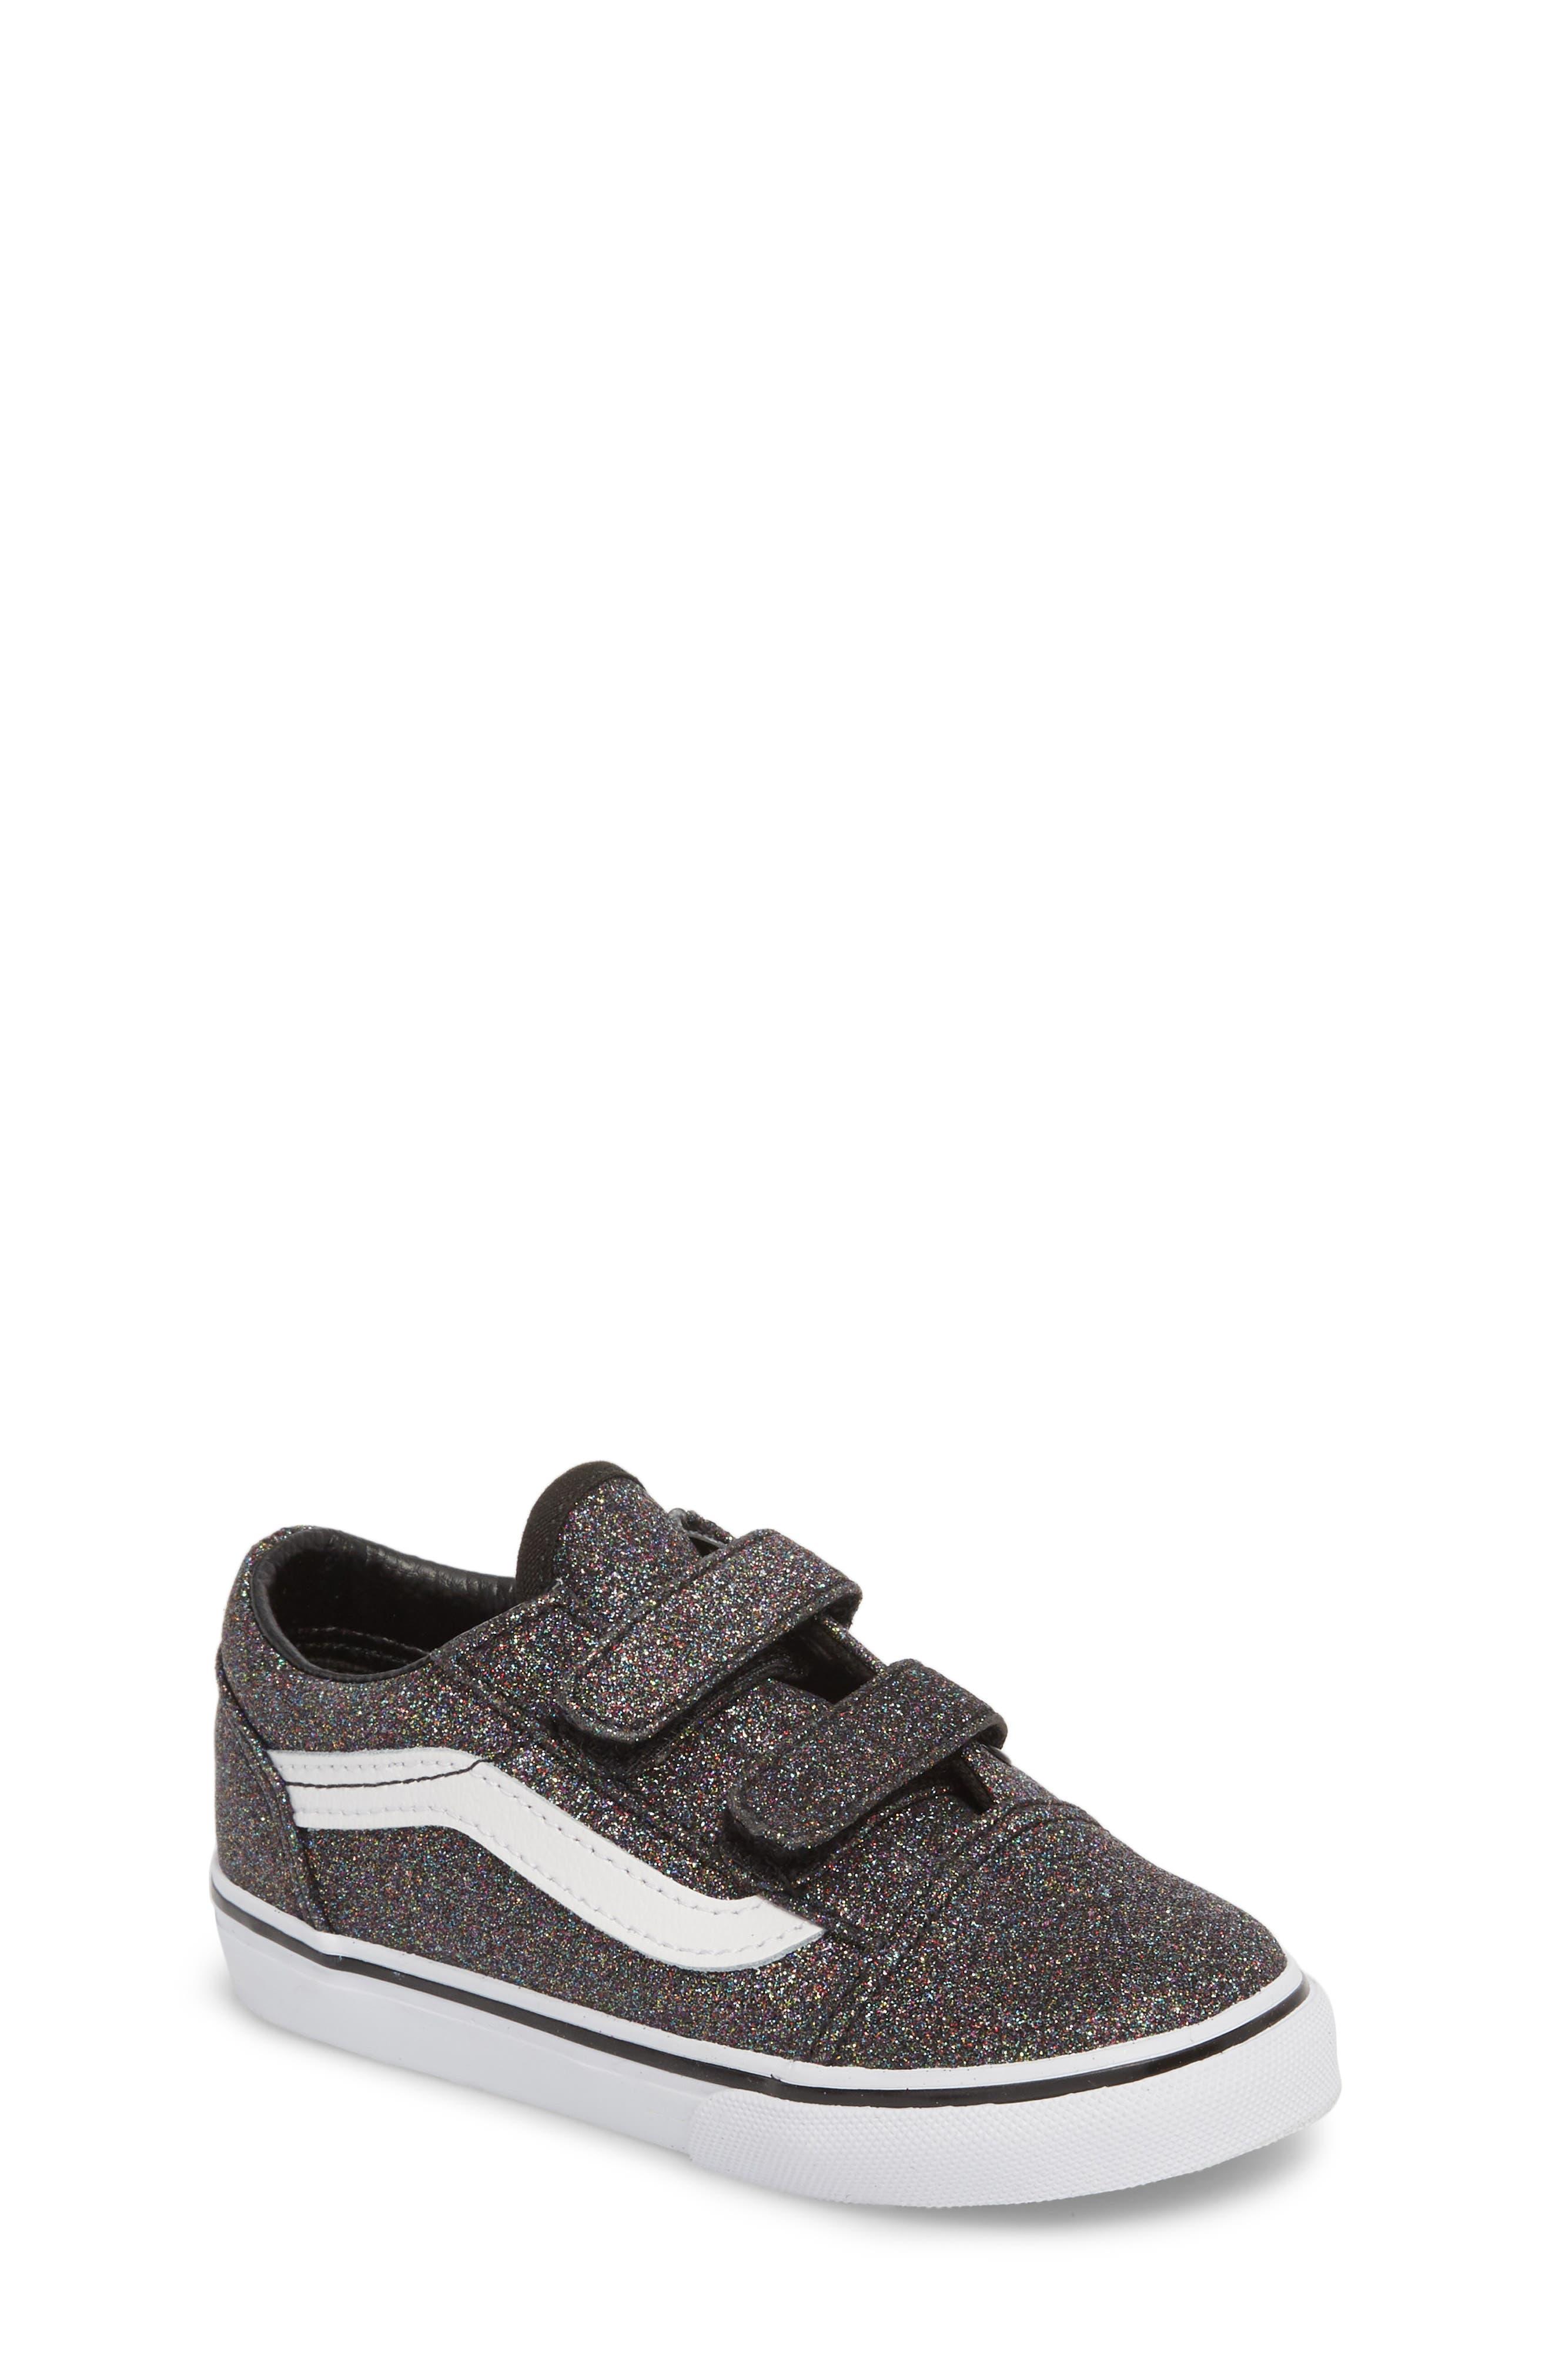 Vans Old Skool V Glitter Sneaker (Baby, Walker & Toddler)